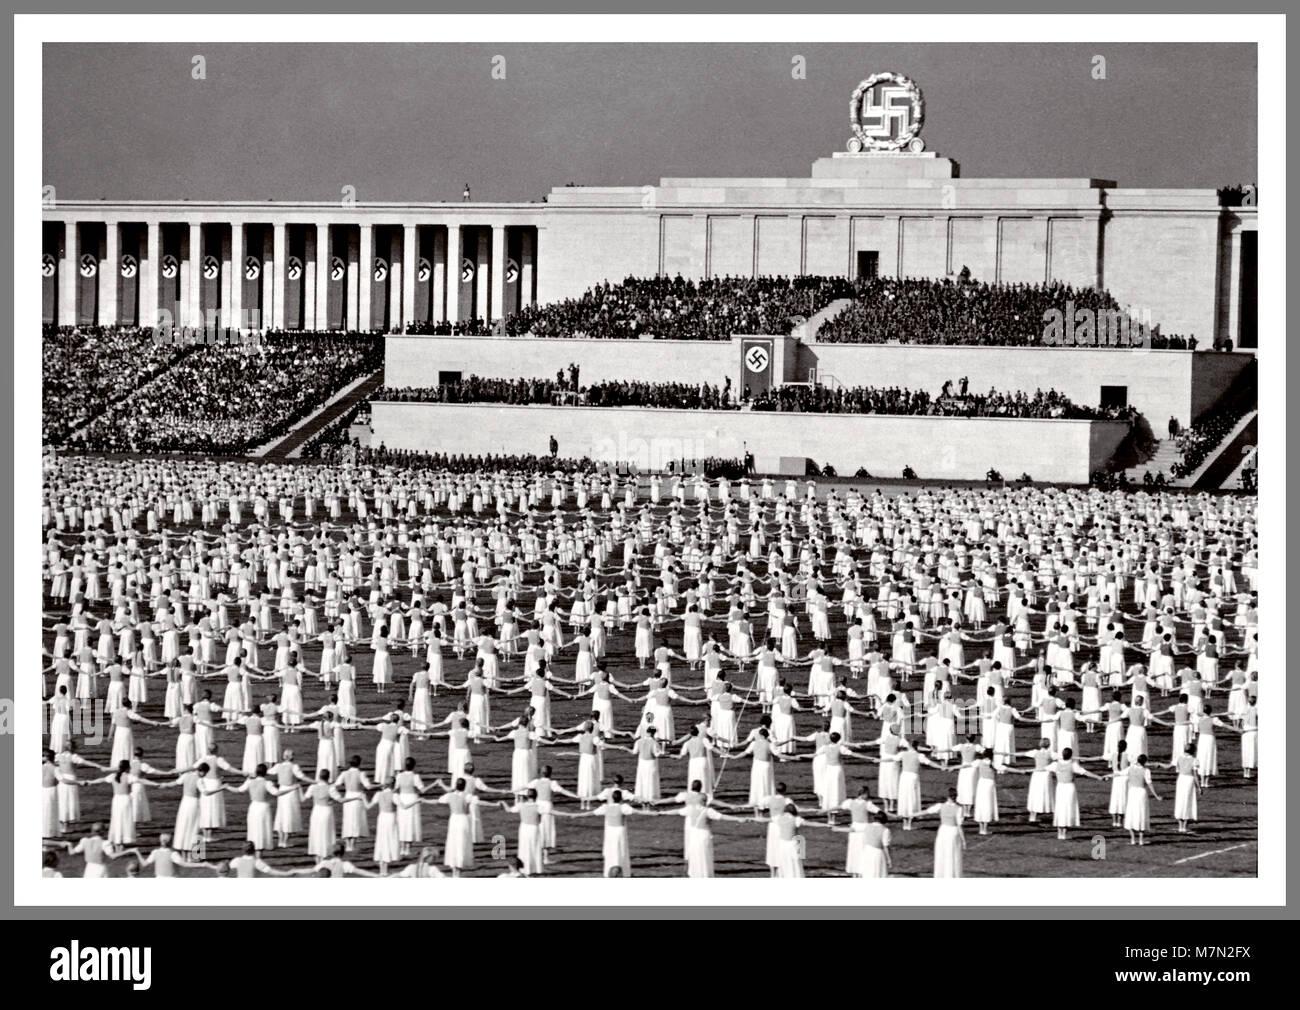 [Image: 1930-die-ns-propaganda-bild-von-nurnberg...m7n2fx.jpg]